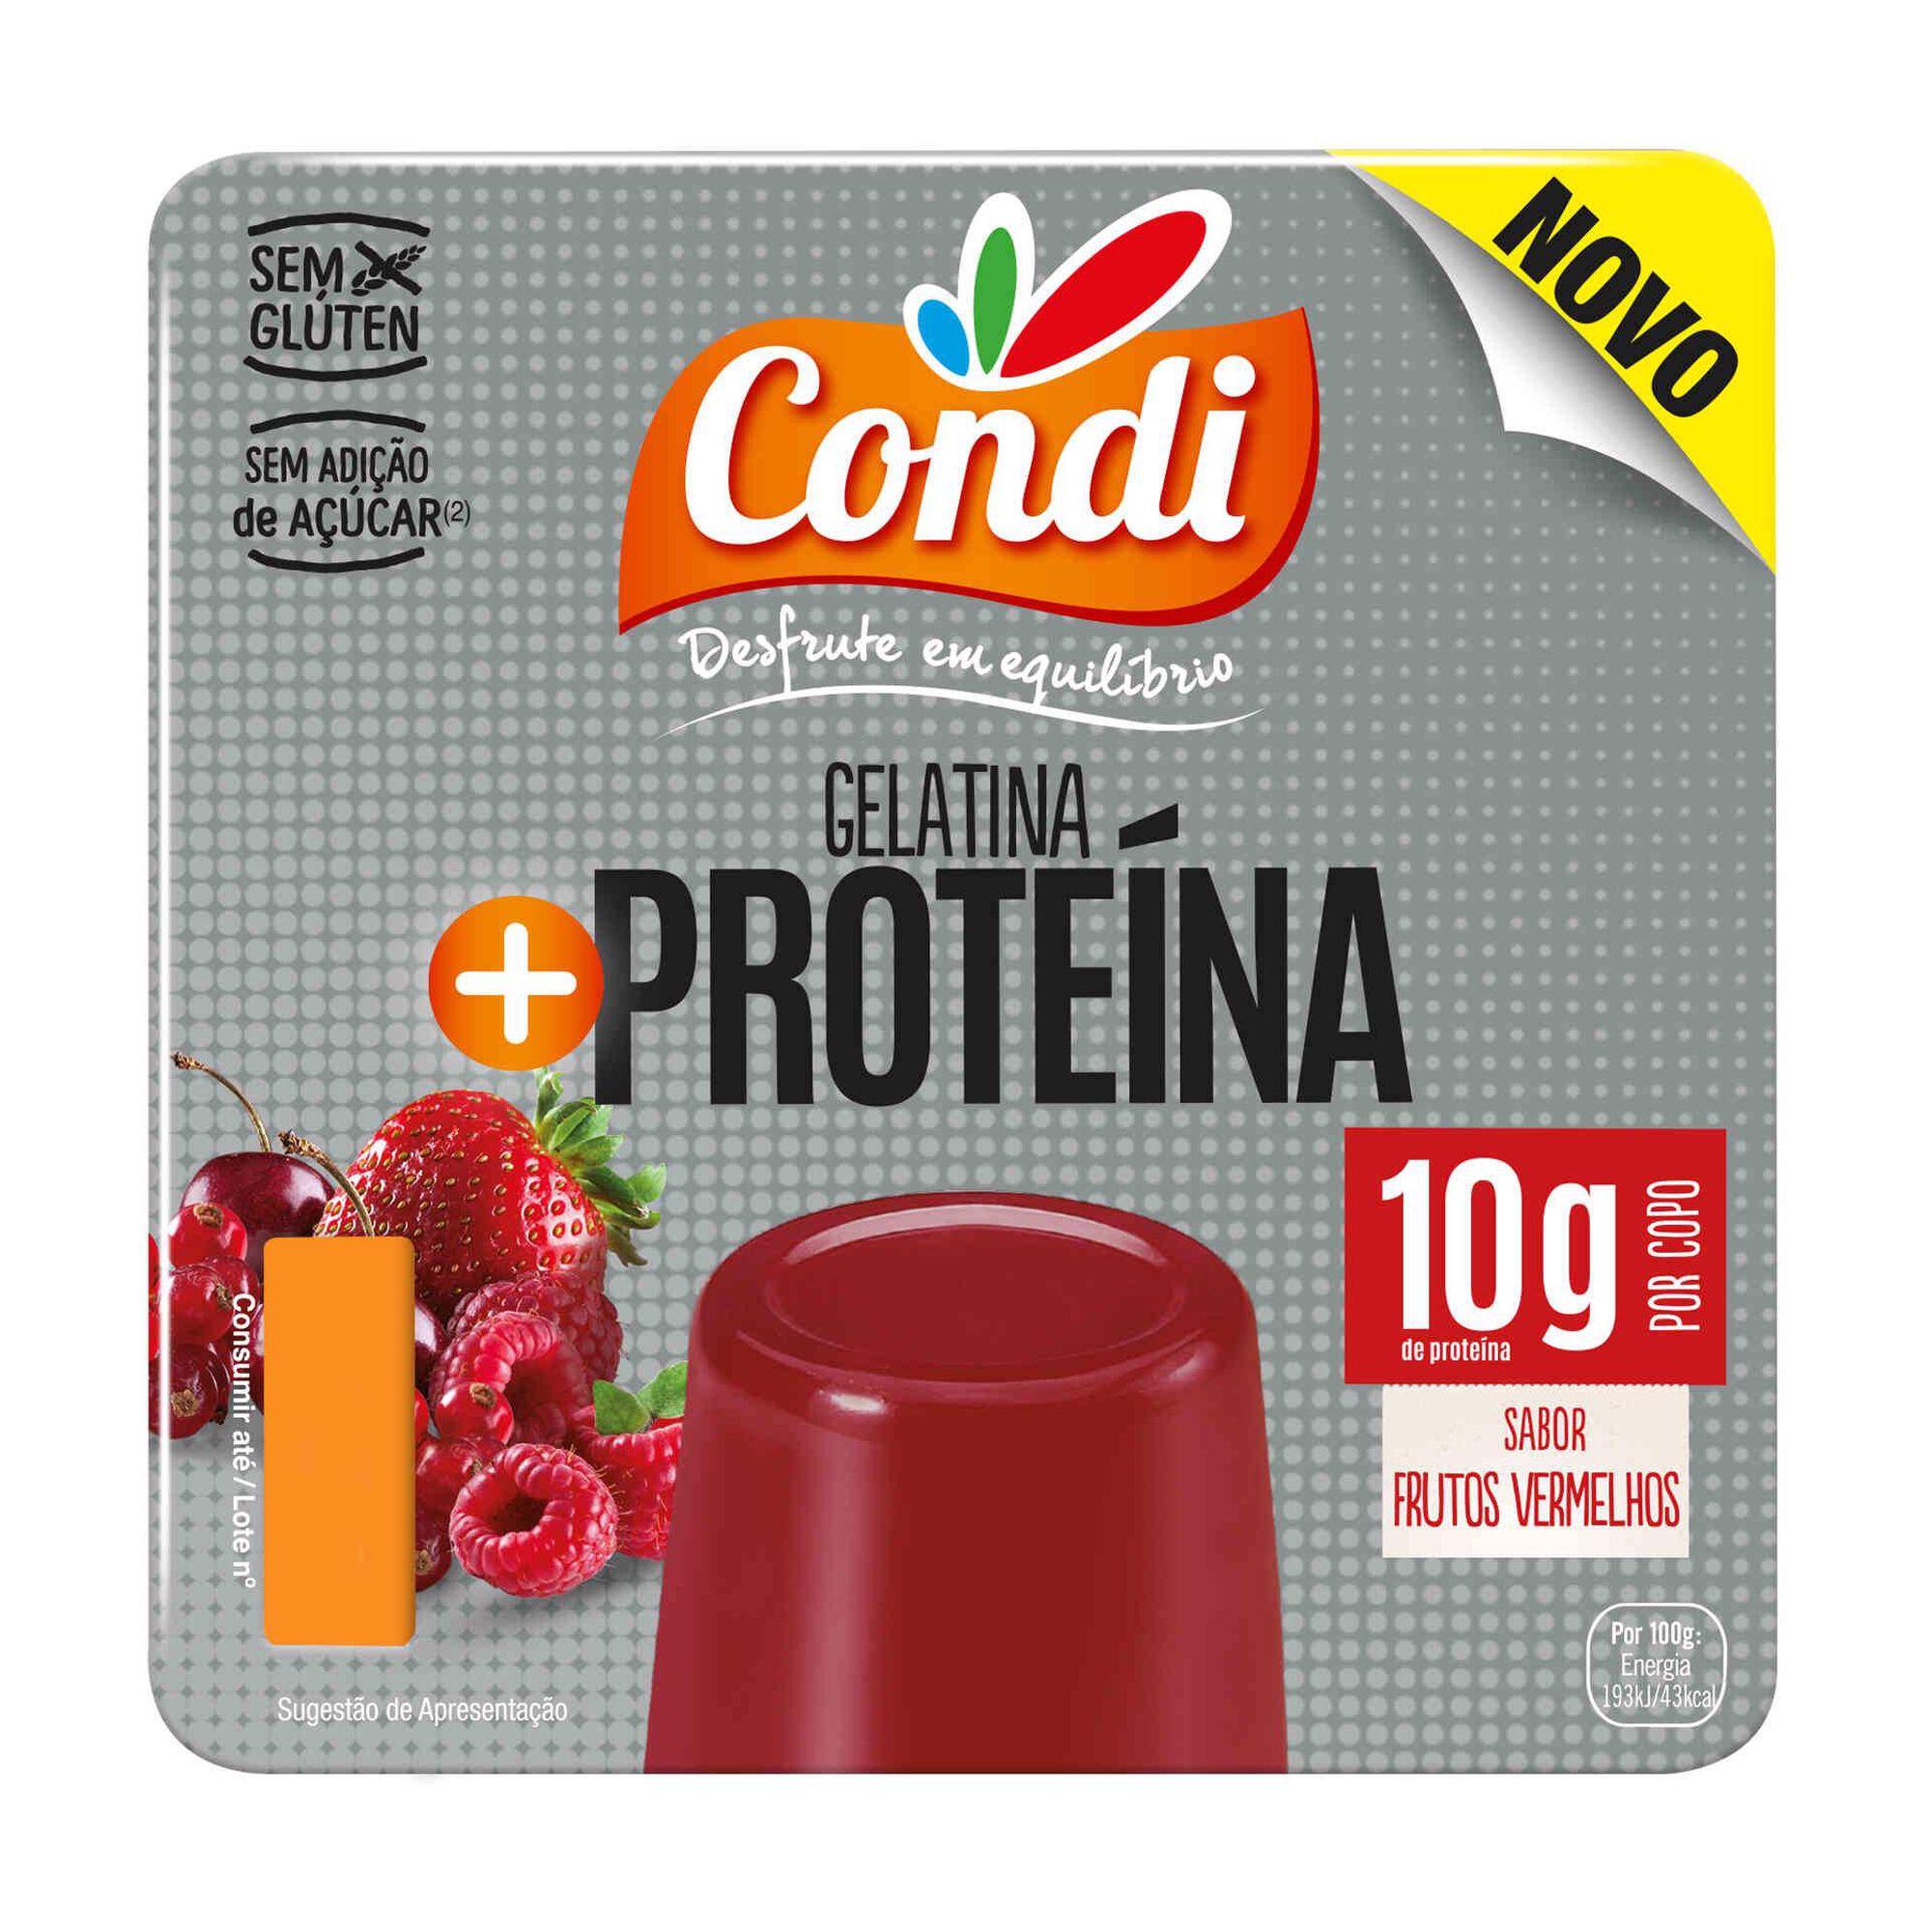 Gelatina Pronta + Proteína Frutos Vermelhos